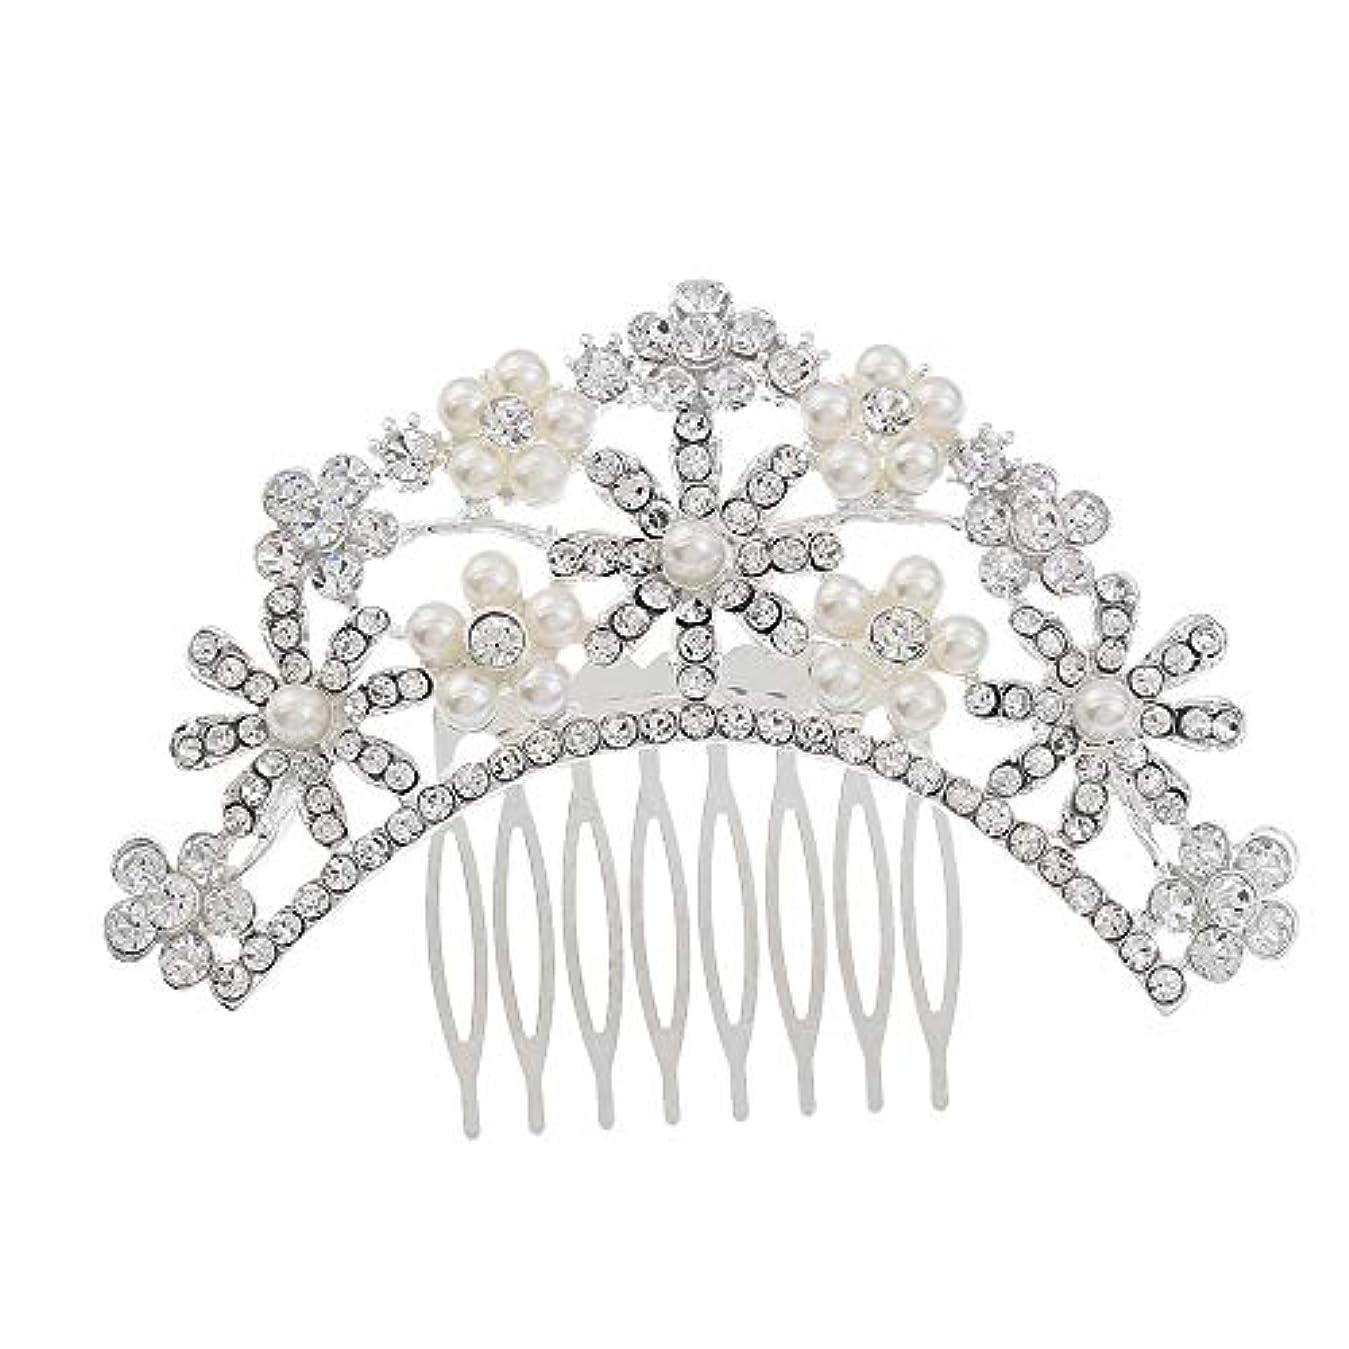 ヘアコームコーム櫛花嫁の髪櫛クラウンヘッドバンド結婚式の帽子真珠の髪の櫛ラインストーンインサート櫛